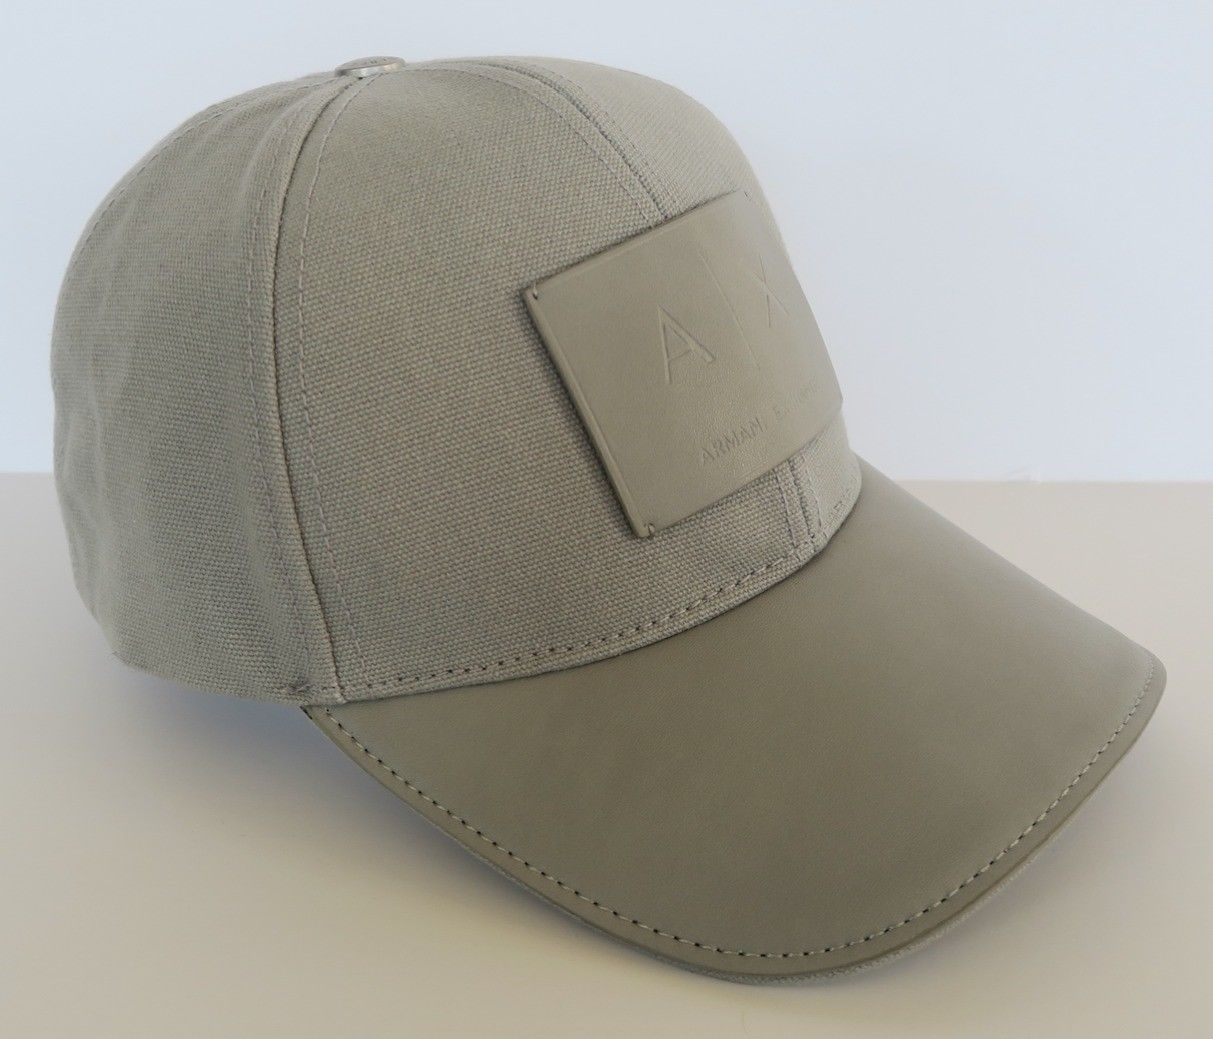 0e1fd19b7c4 Armani Exchange AIX Reversible Contrast Logo Classic Beanie Hat ...